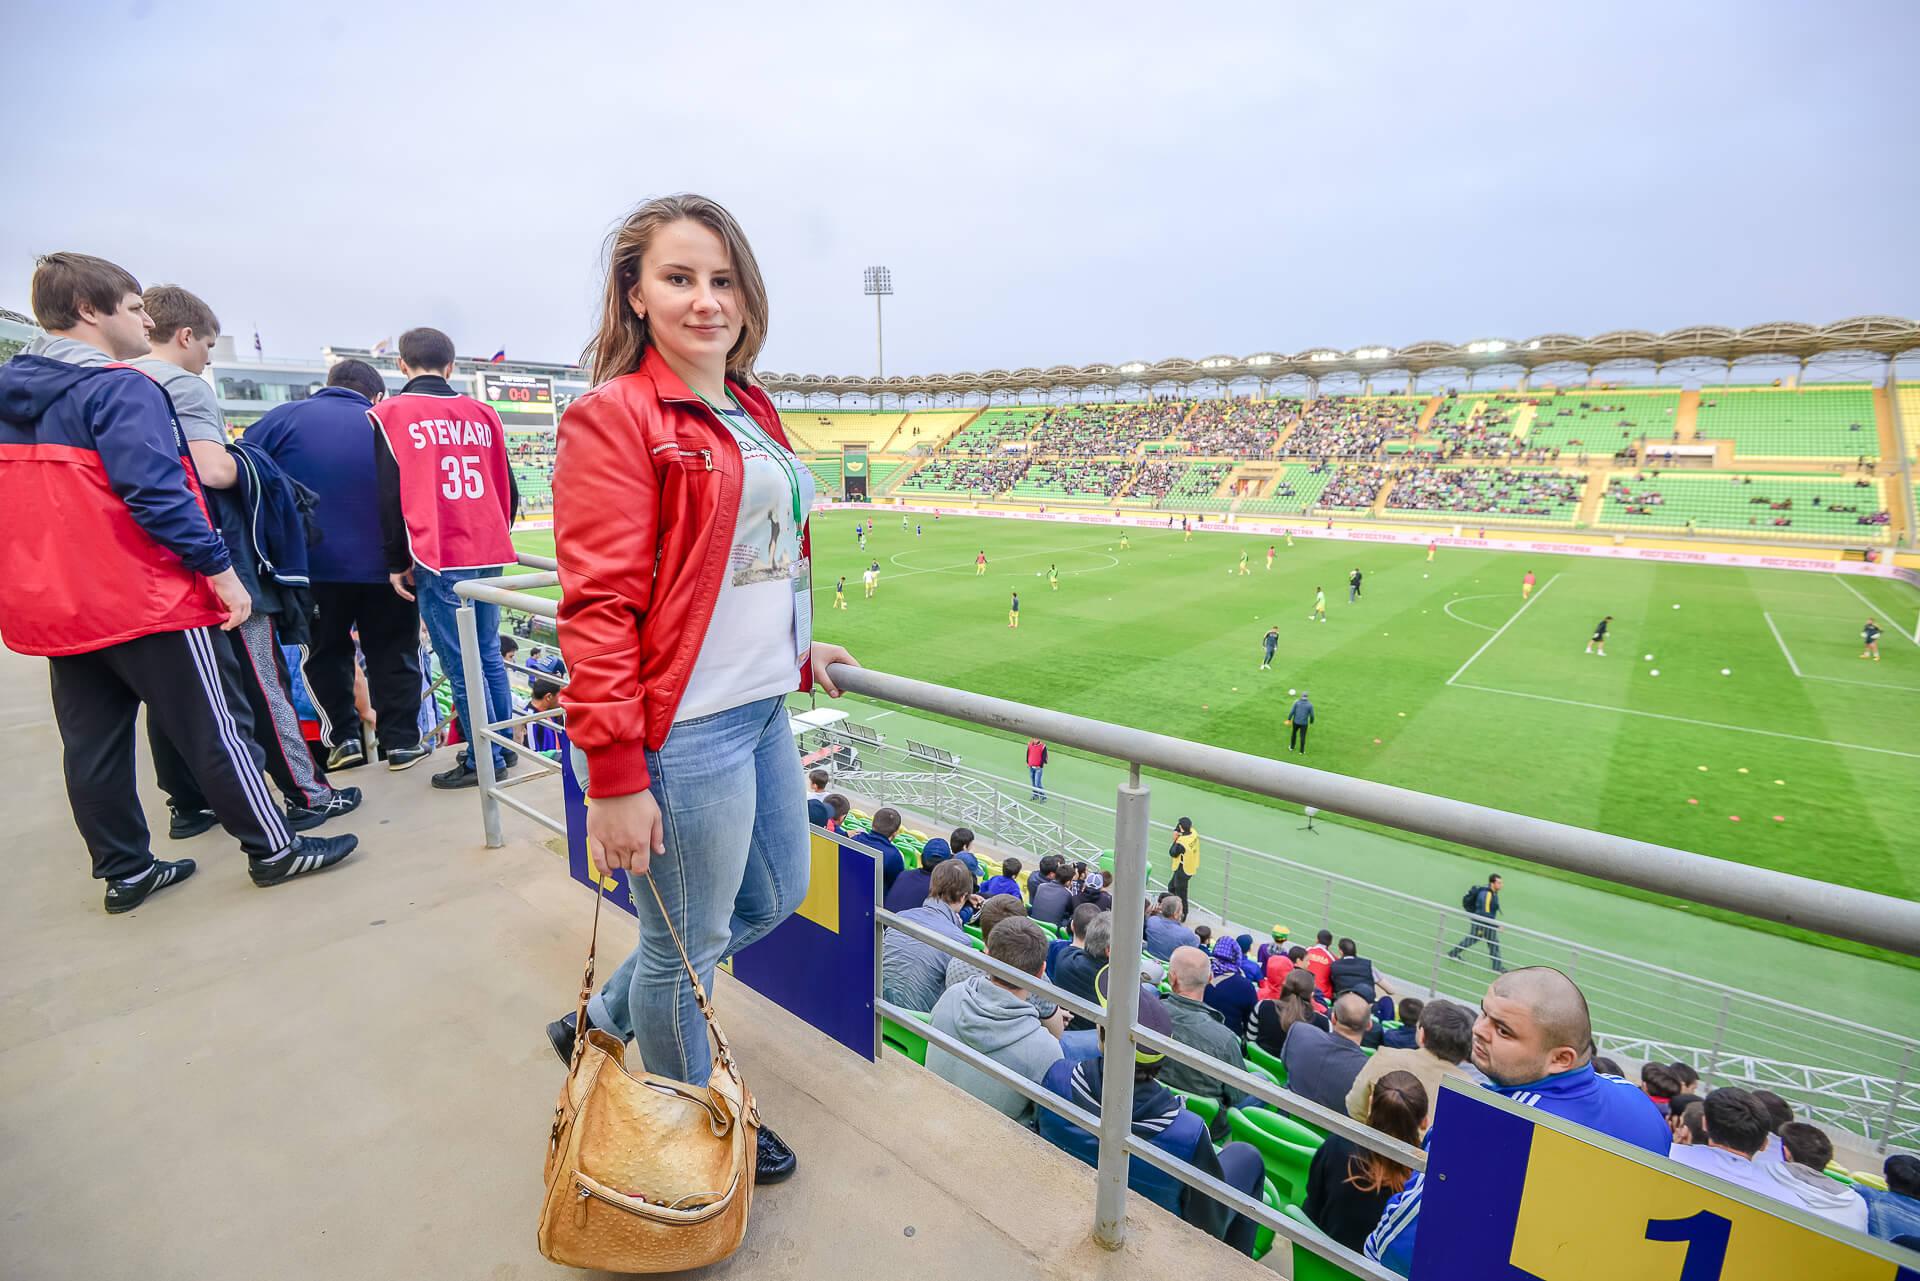 2016-06-03_match_in_dagestan_1